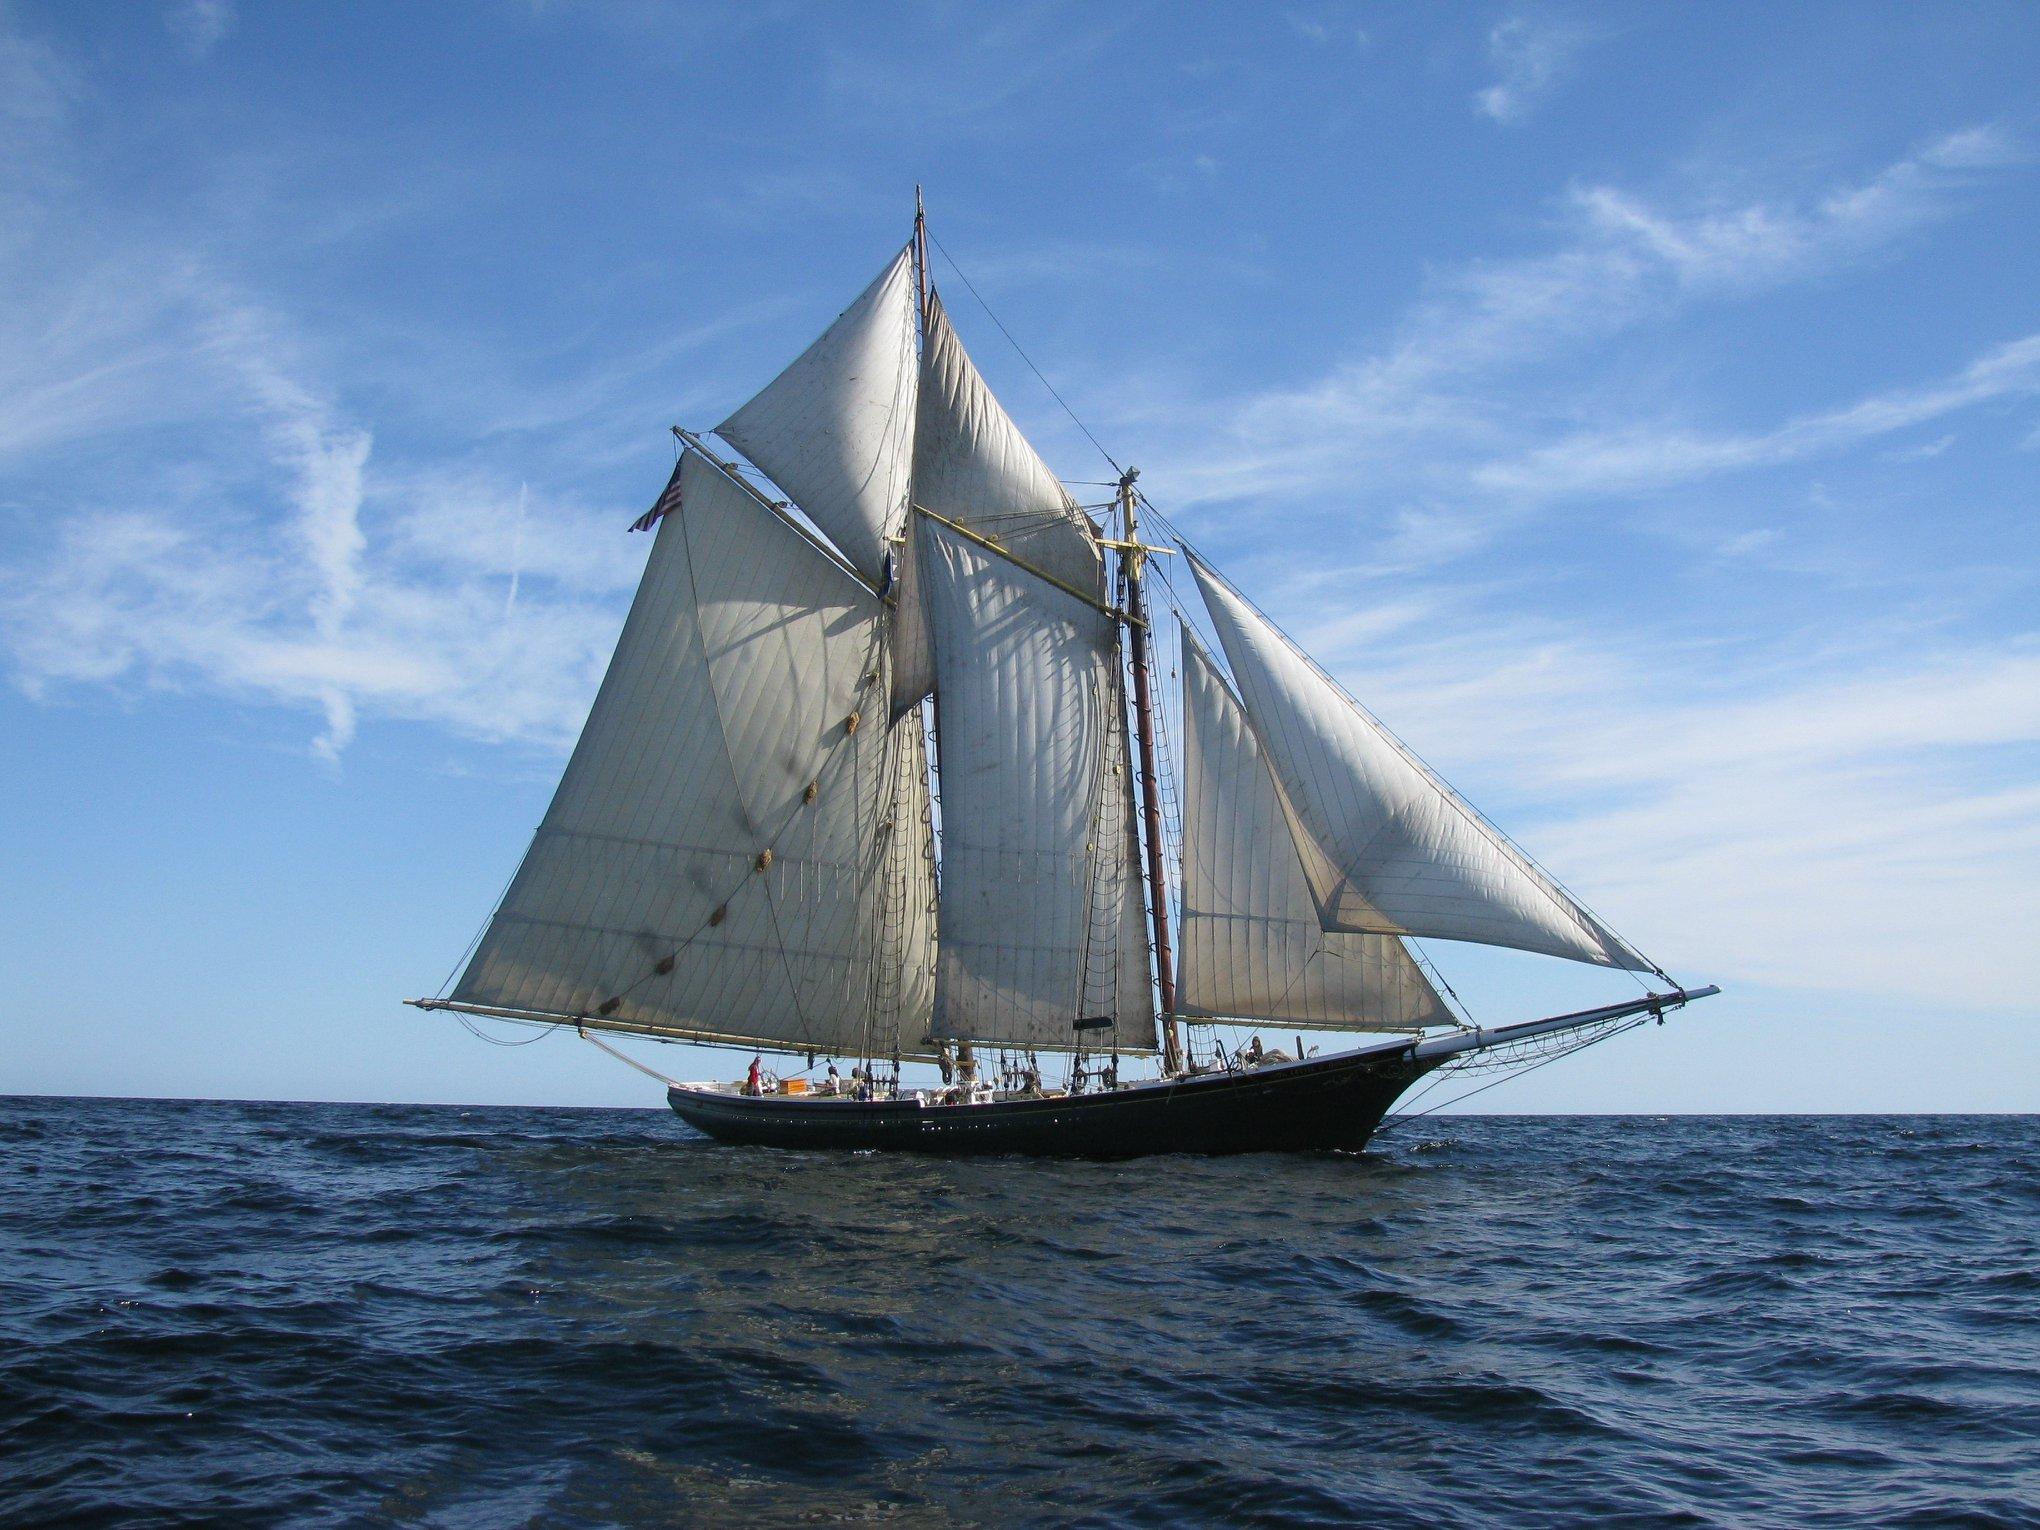 Howard G. Lettie, ship used in shipboard education program